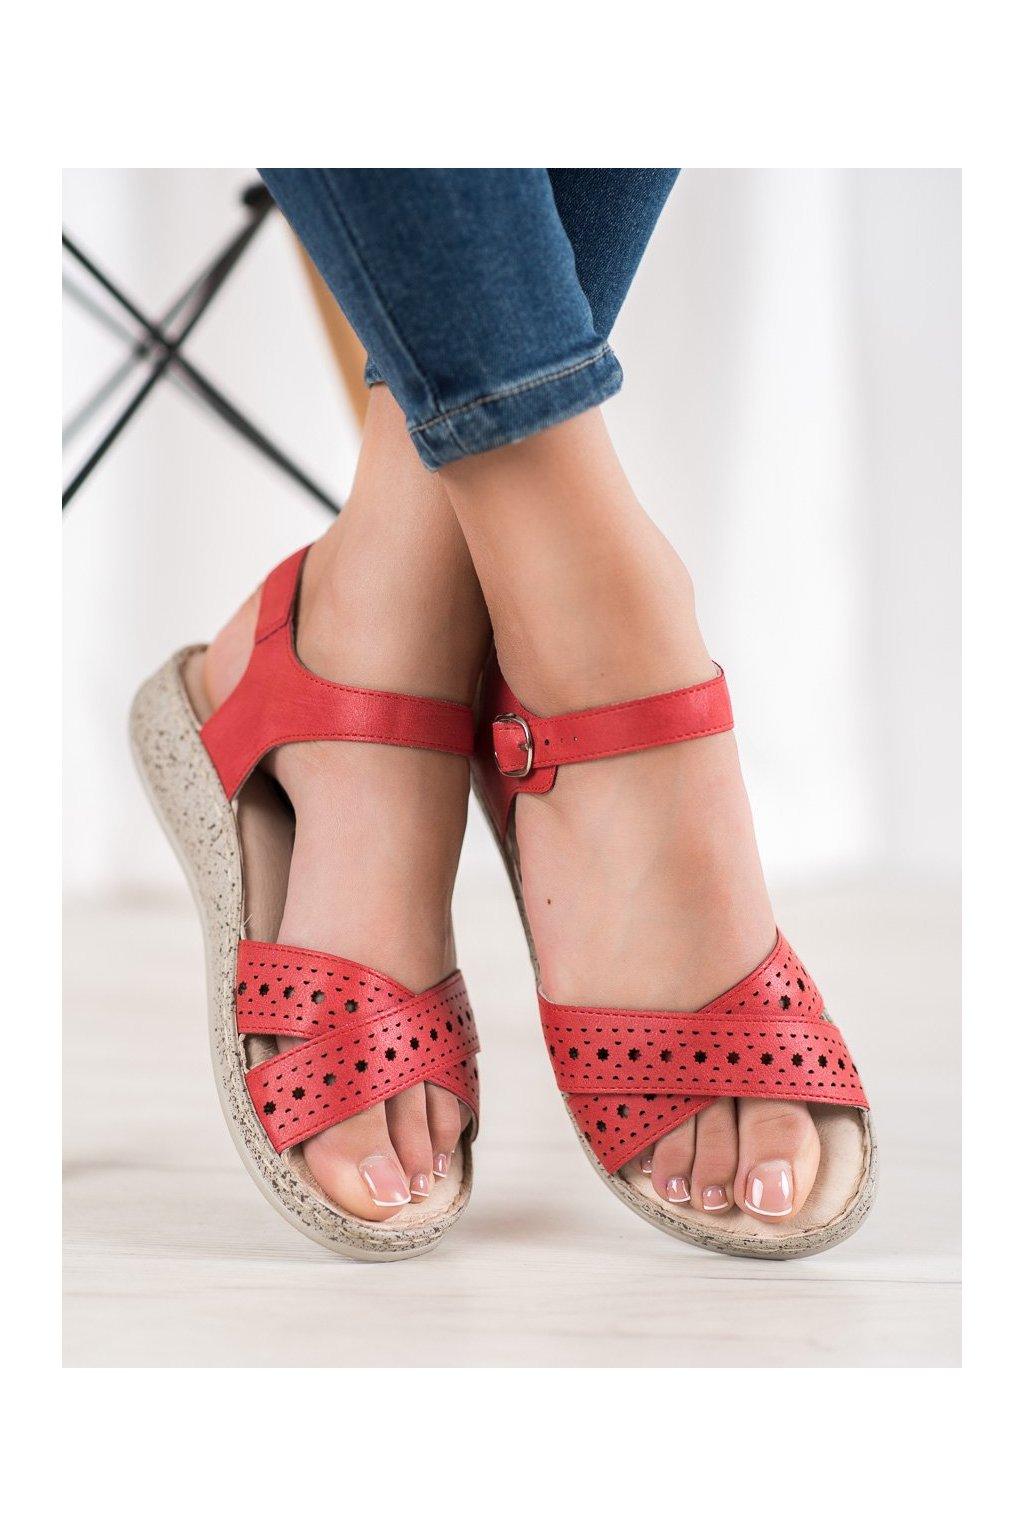 Červené sandále s plochou podrážkou na platforme Shelovet kod B119-05-02ROJO